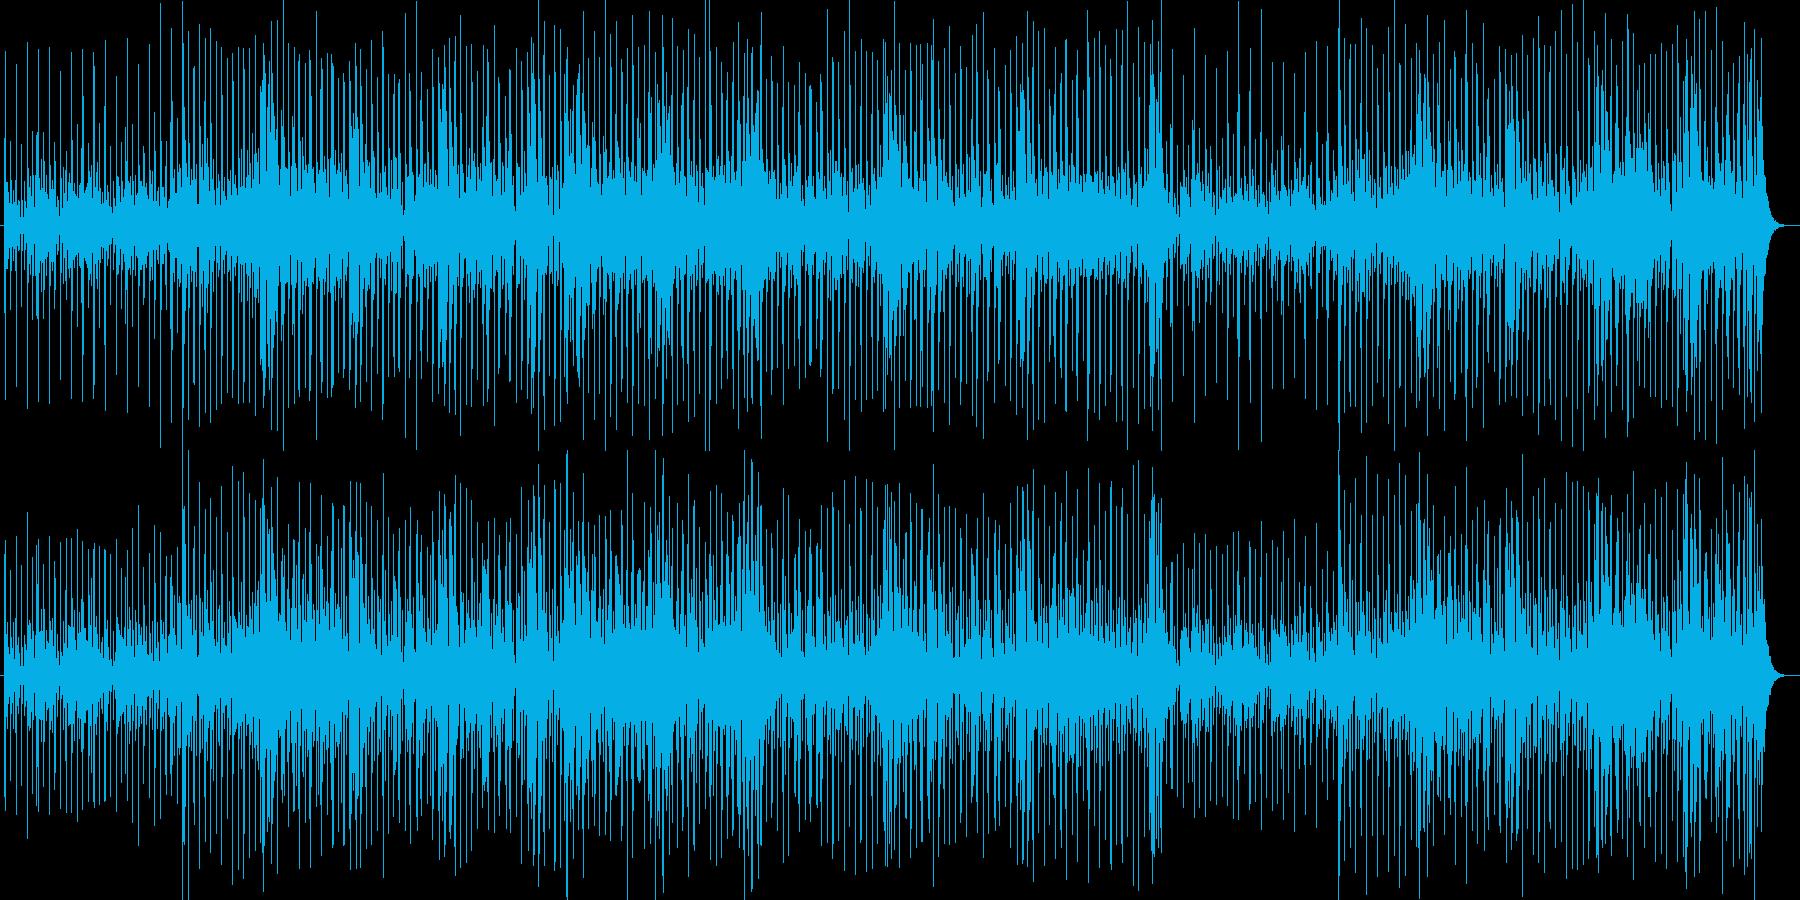 ドラマチックなメロディーのBGMの再生済みの波形